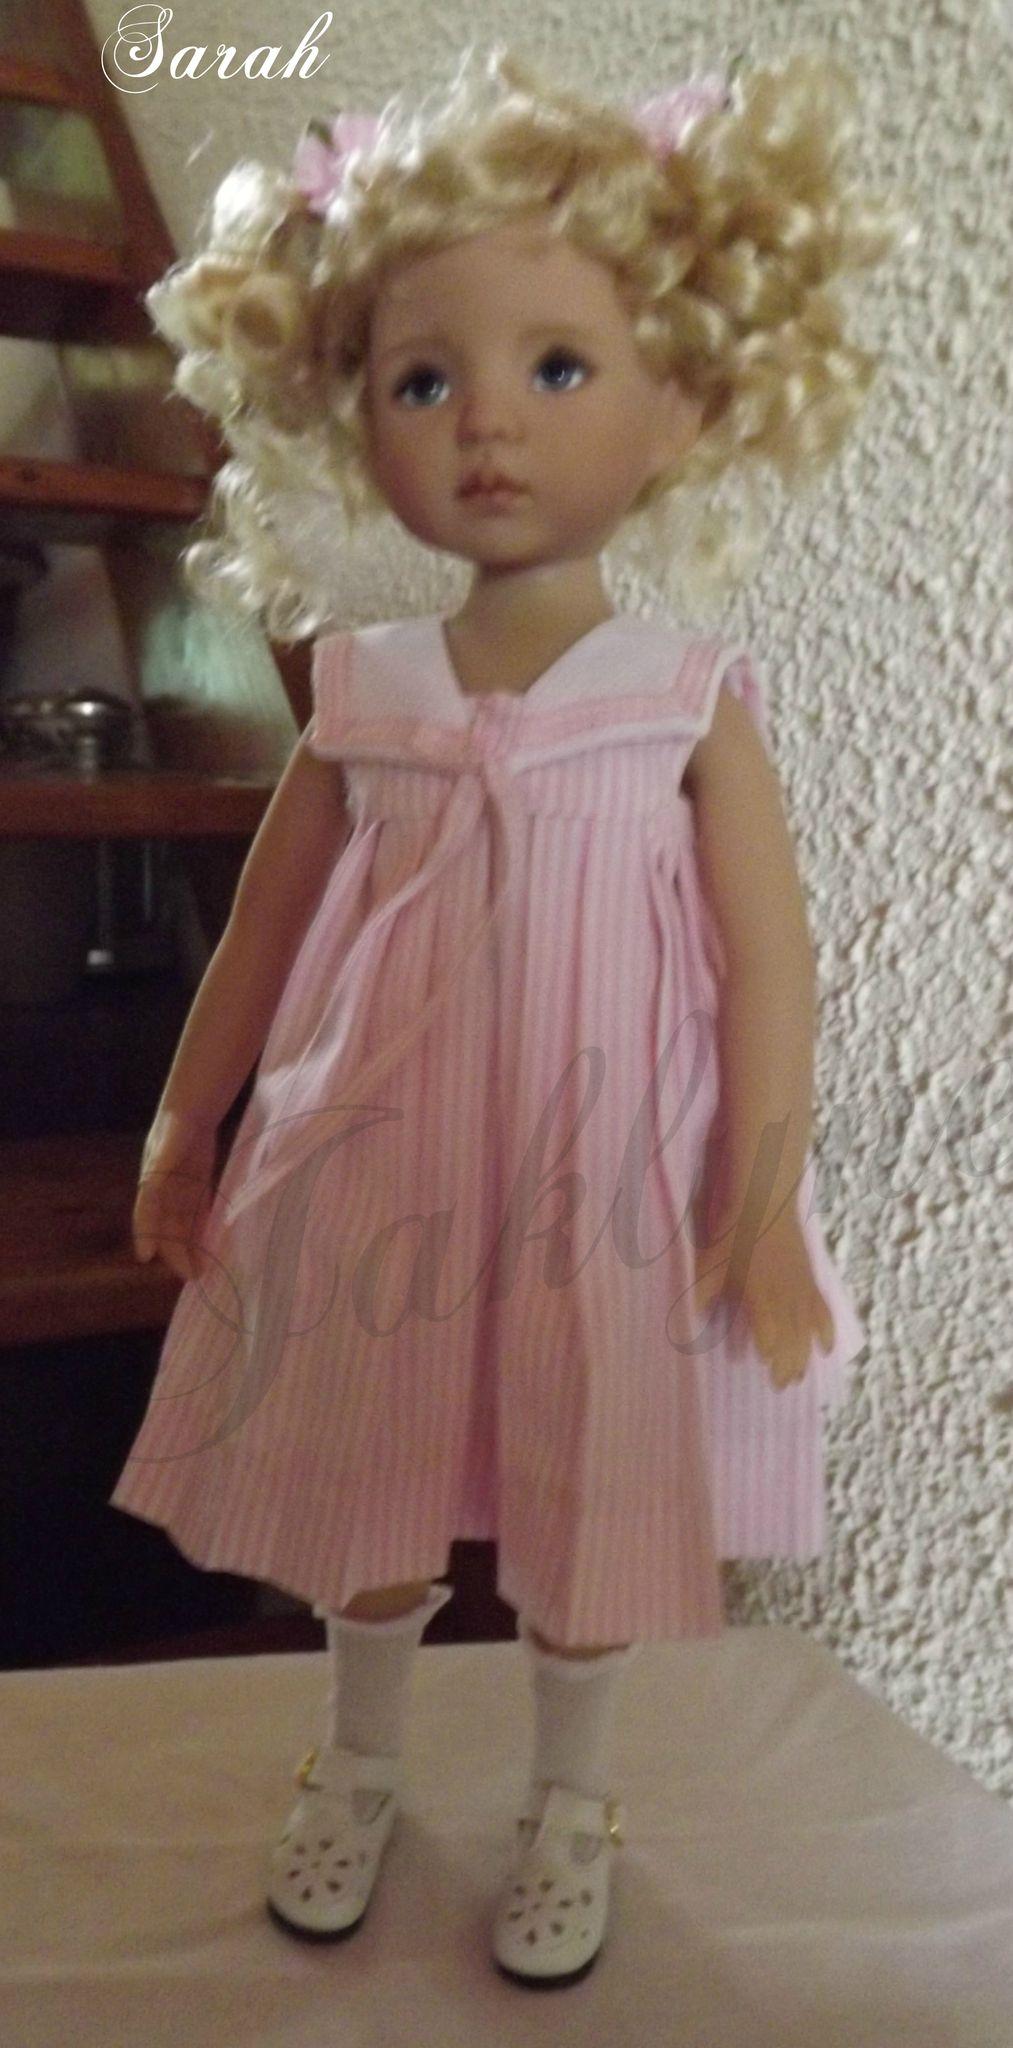 Ma petite Sarah, douce et rose ,